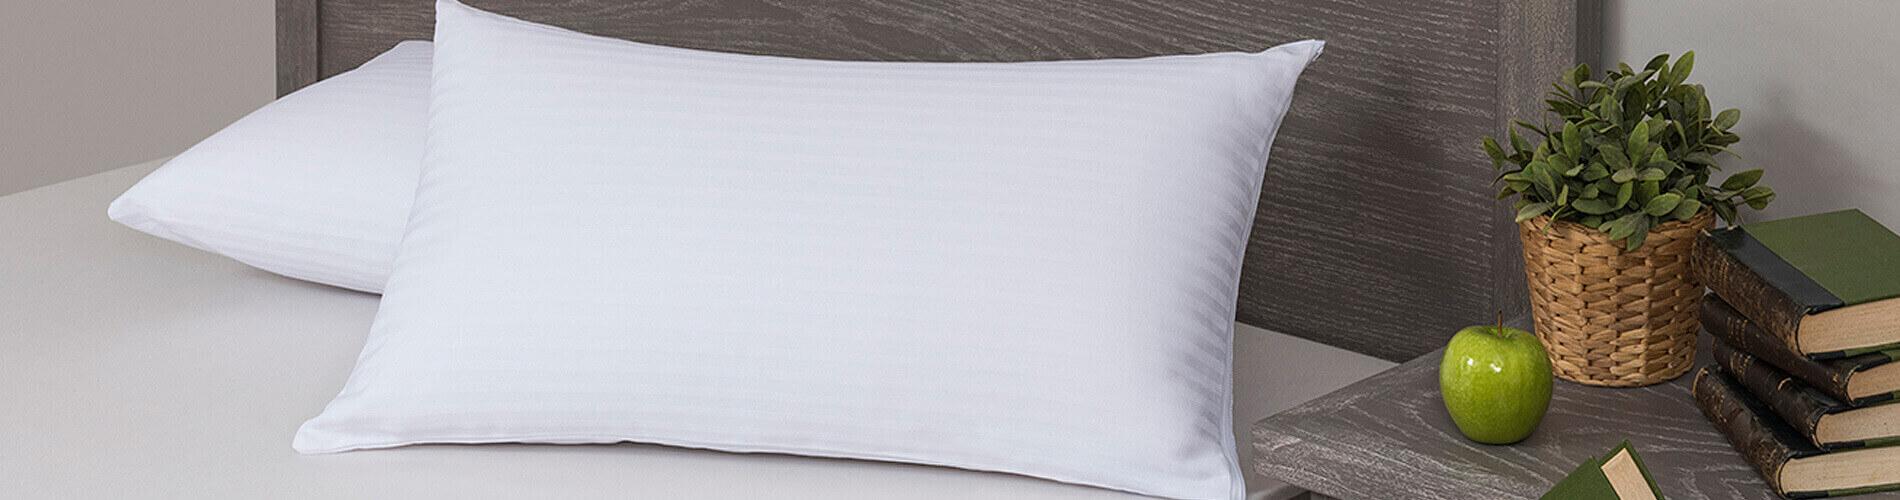 La mejores fundas de almohada para la protección de tu desncaso